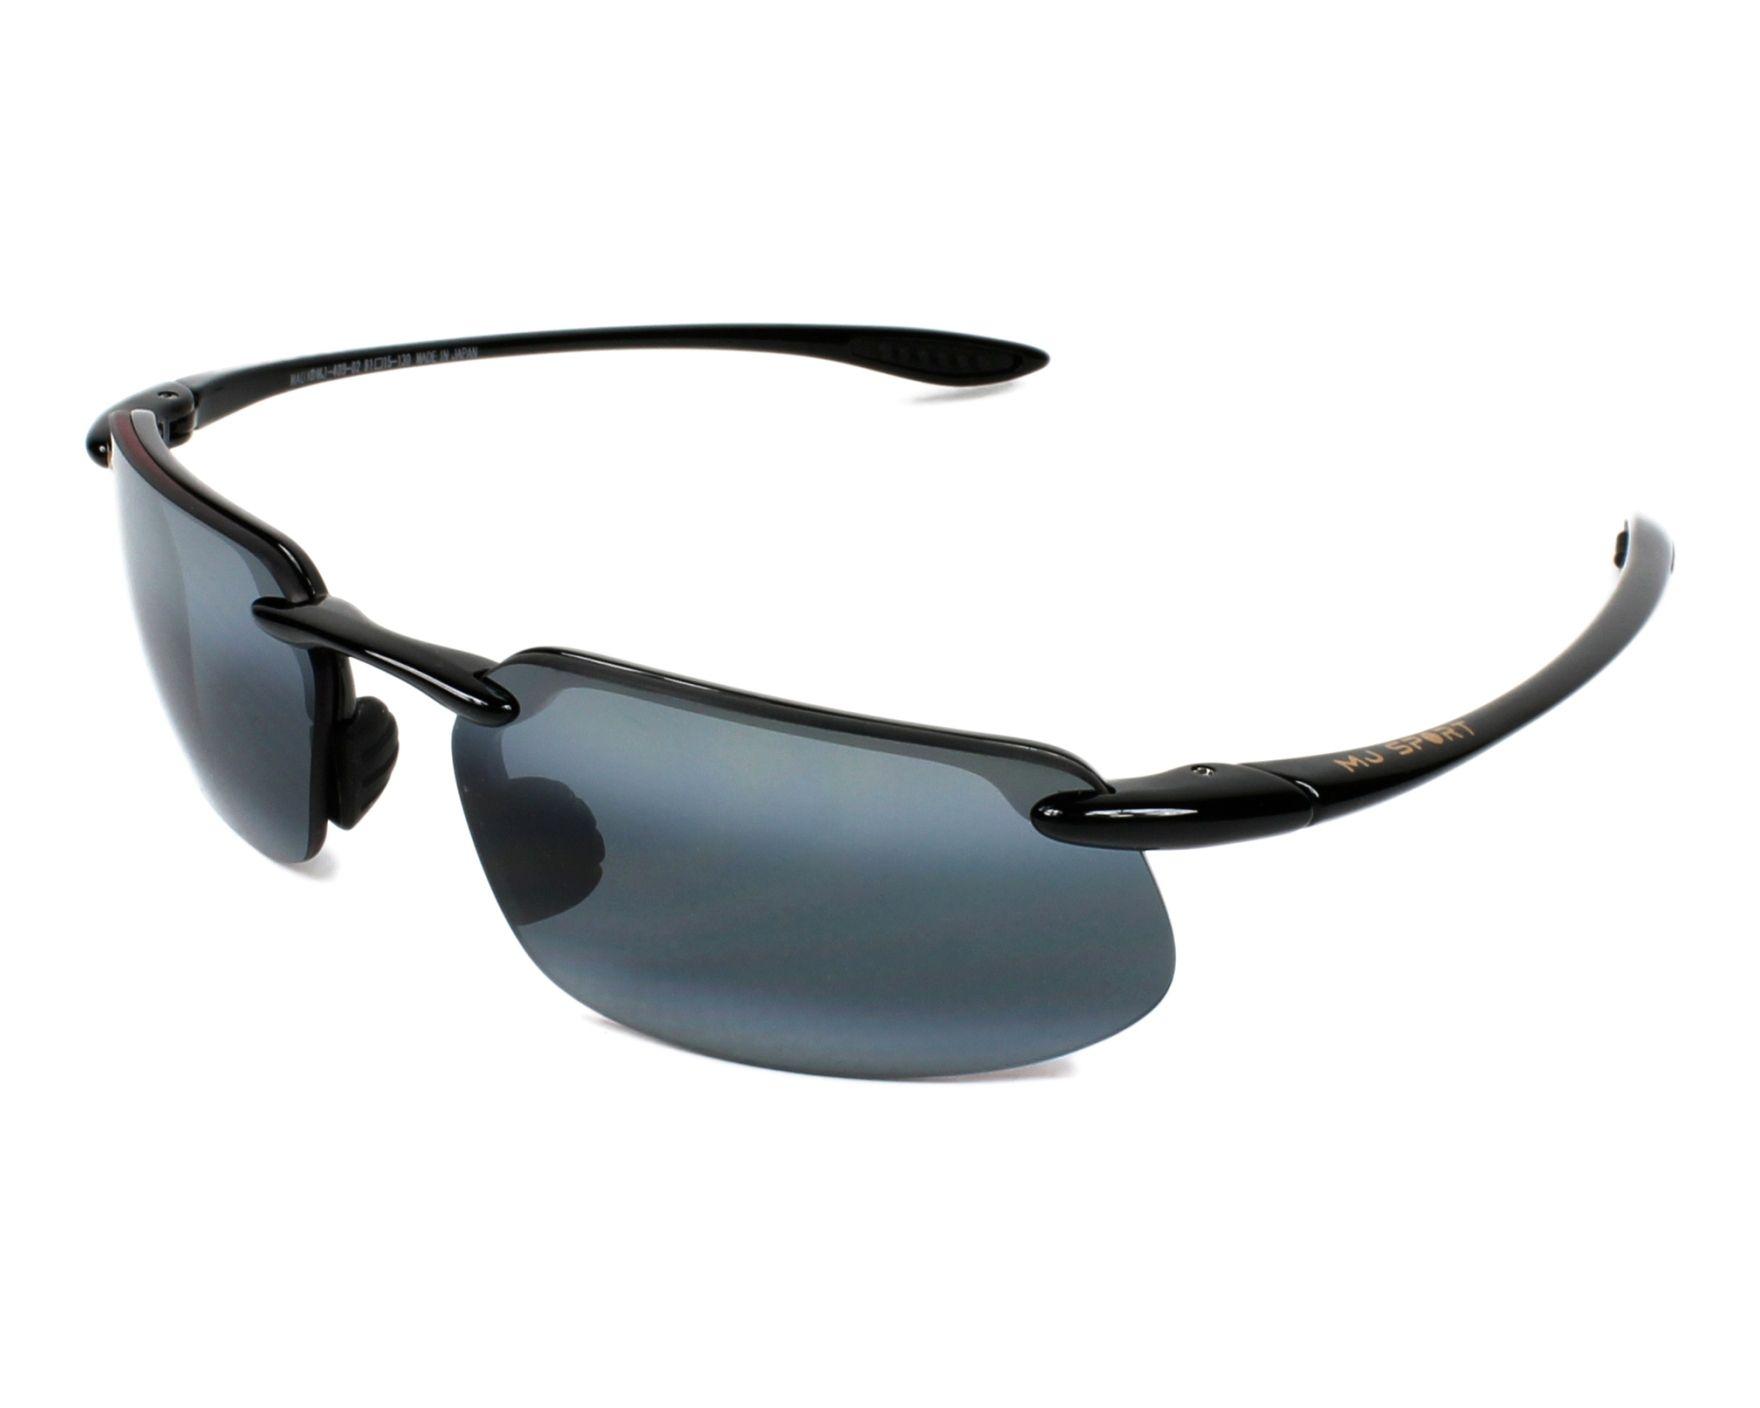 baa7e6d6a94aa6 Lunettes de soleil Maui Jim 409 02 61-15 Noir vue de profil